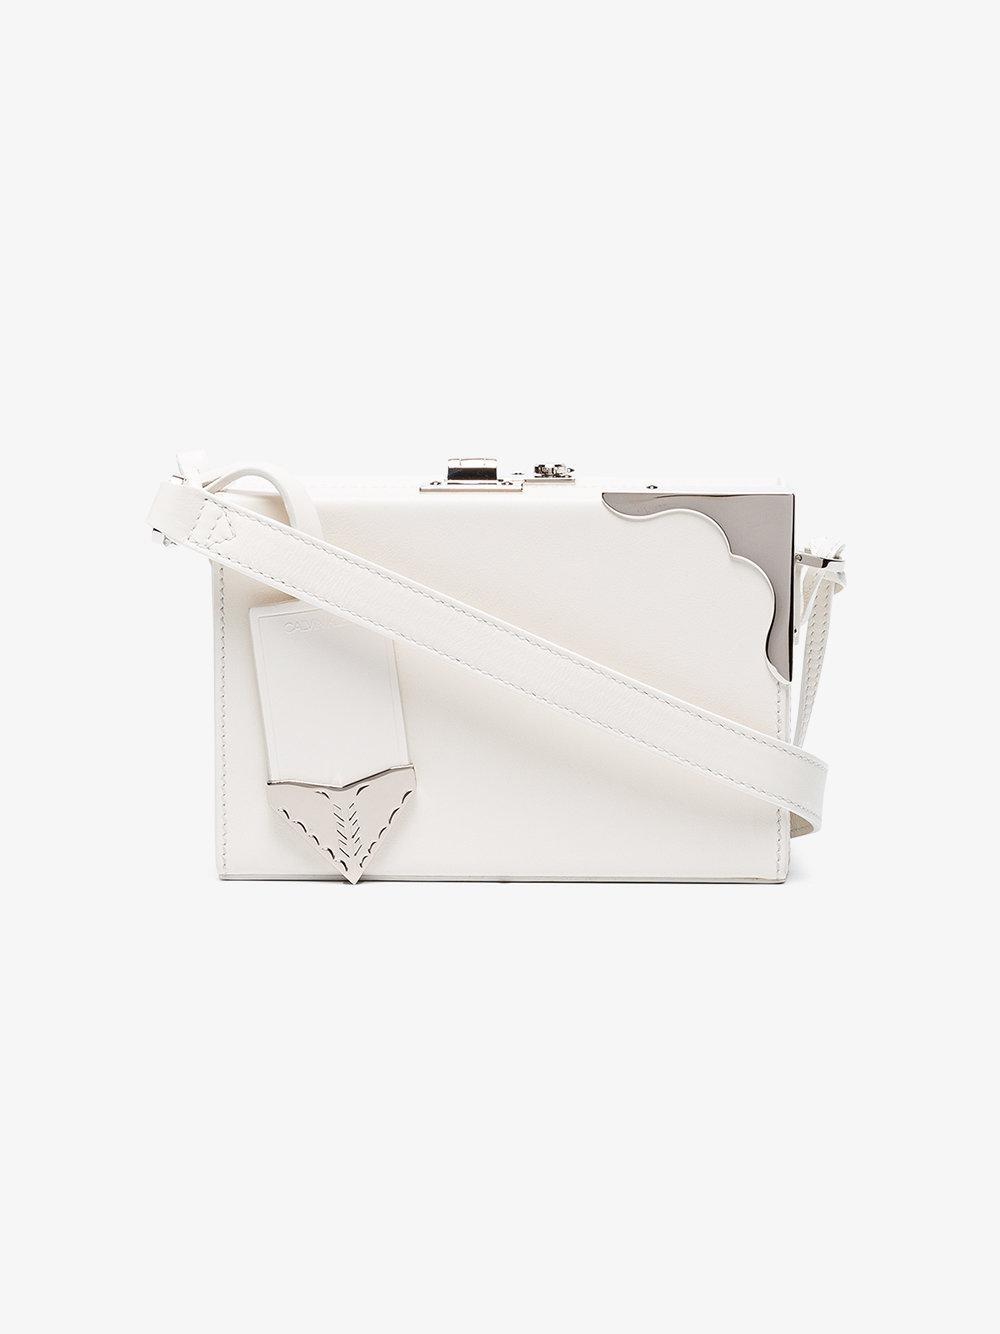 classic mini clutch bag - Black CALVIN KLEIN 205W39NYC QdTiSTu